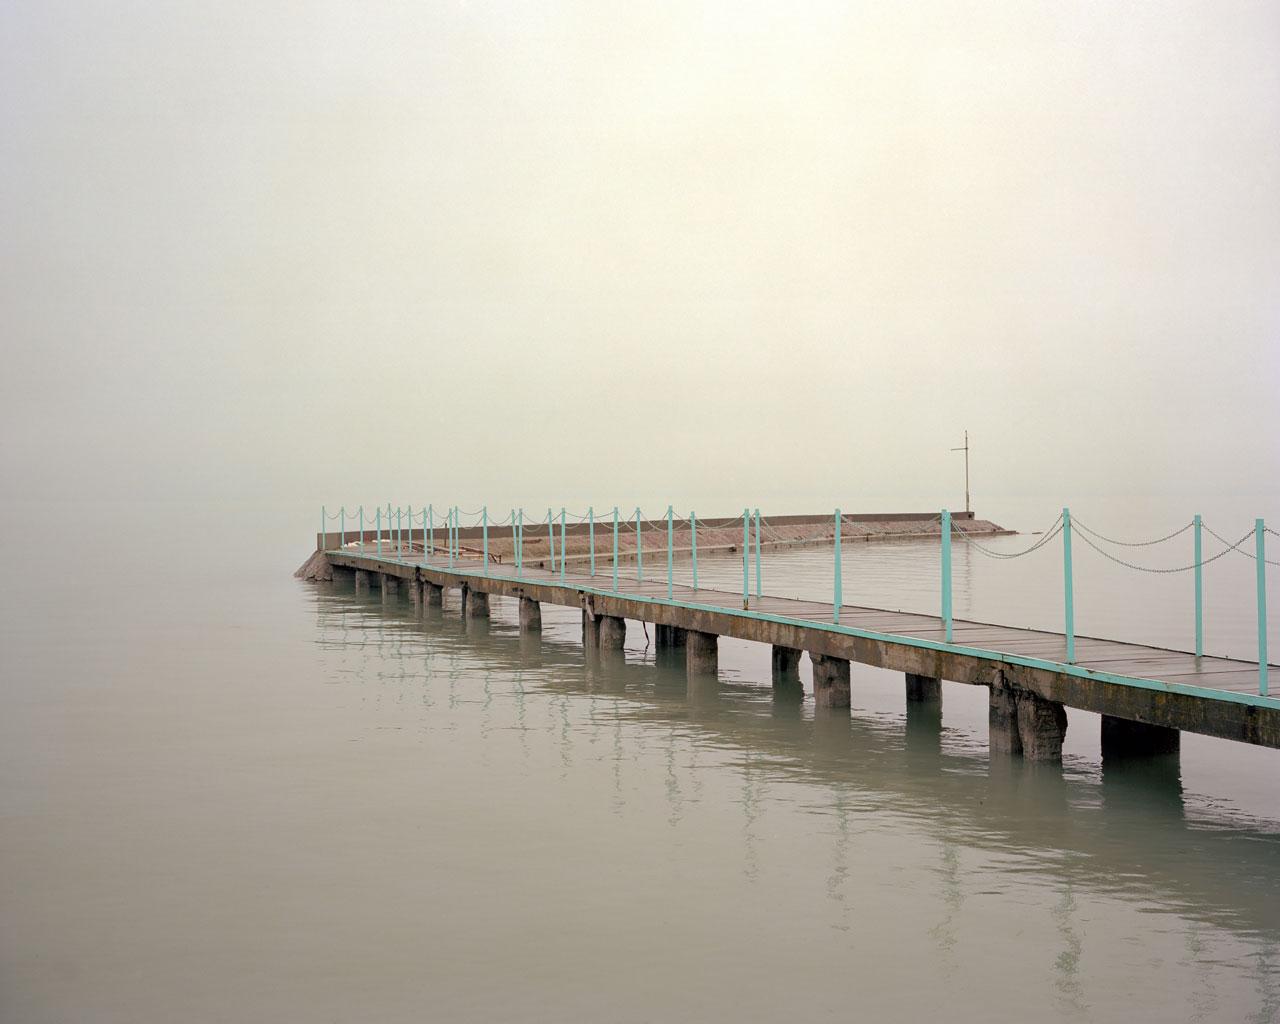 Jetty (November), Lake Balaton, Hungary - Photo by Ákos Major